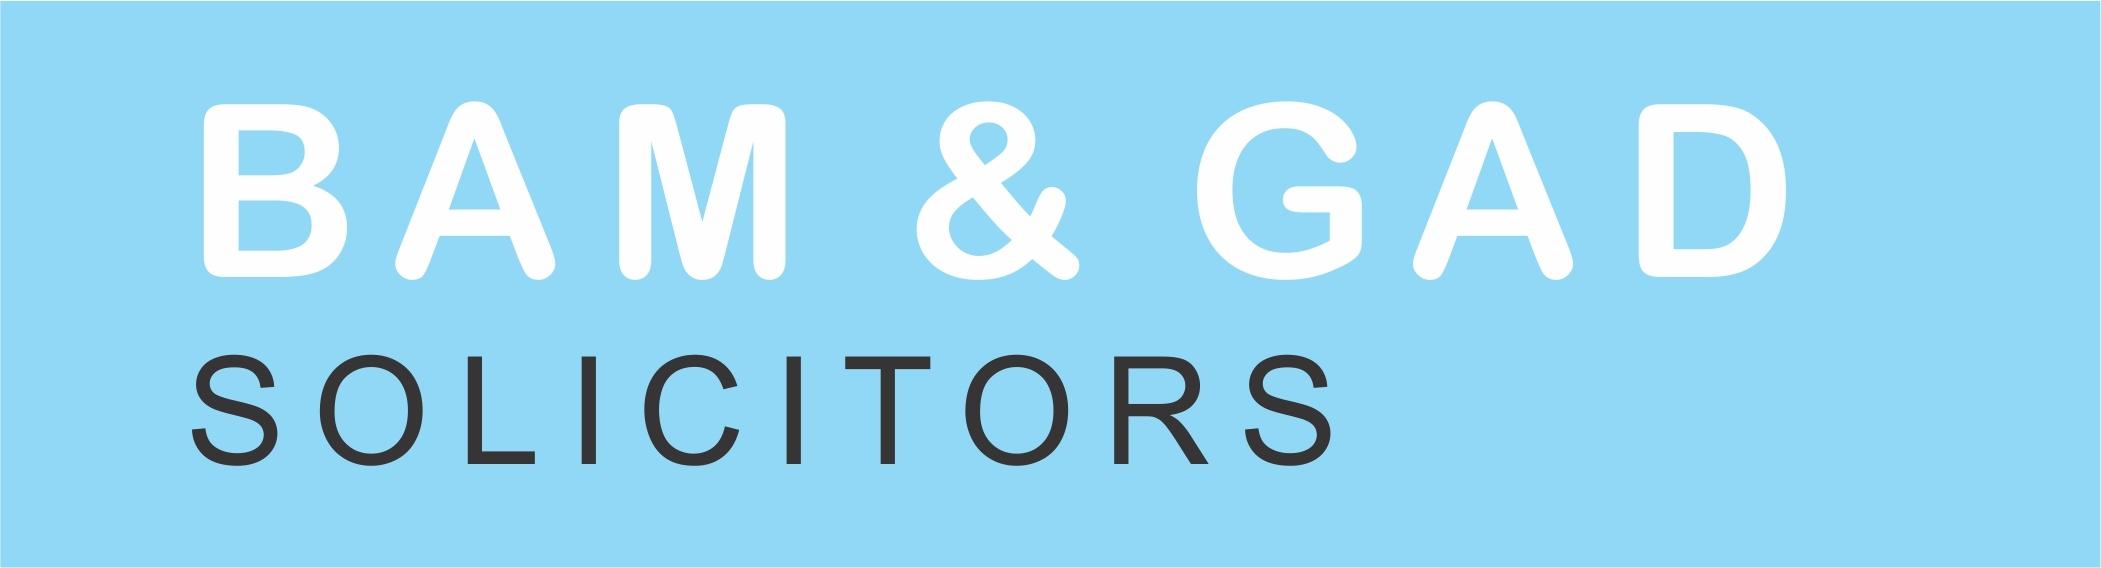 Bam & Gad Solicitors